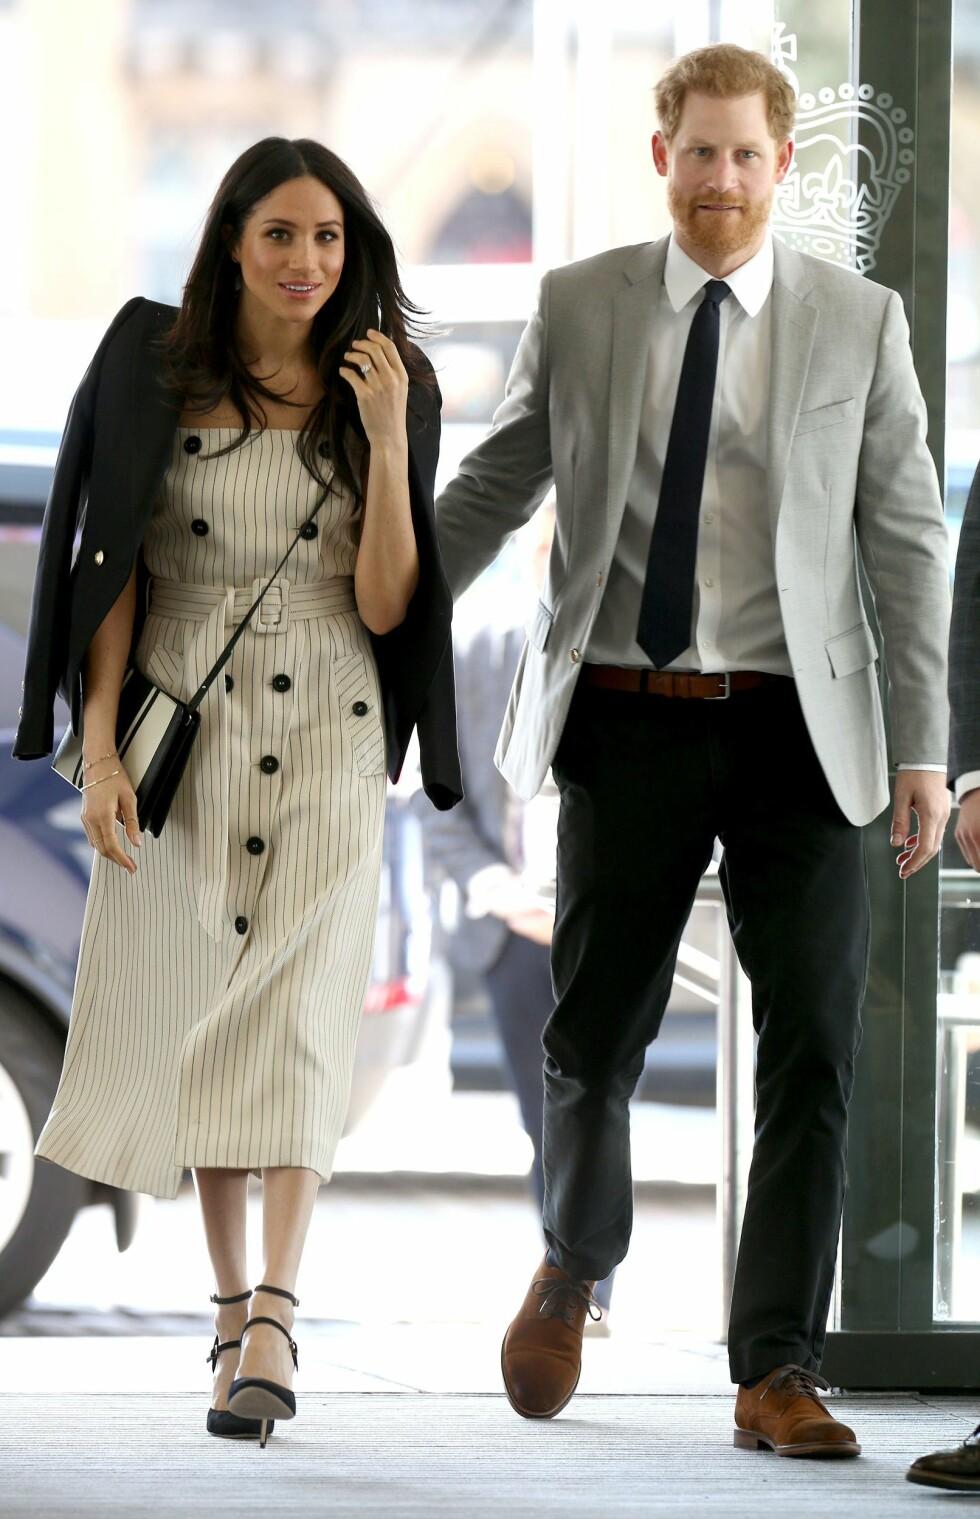 STØTTER FORLOVEDEN: Prins Harry og Meghan Markle fotografert samme dag som hennes halvsøster kom med krass kritikk om paret på sosiale medier. FOTO: NTB Scanpix